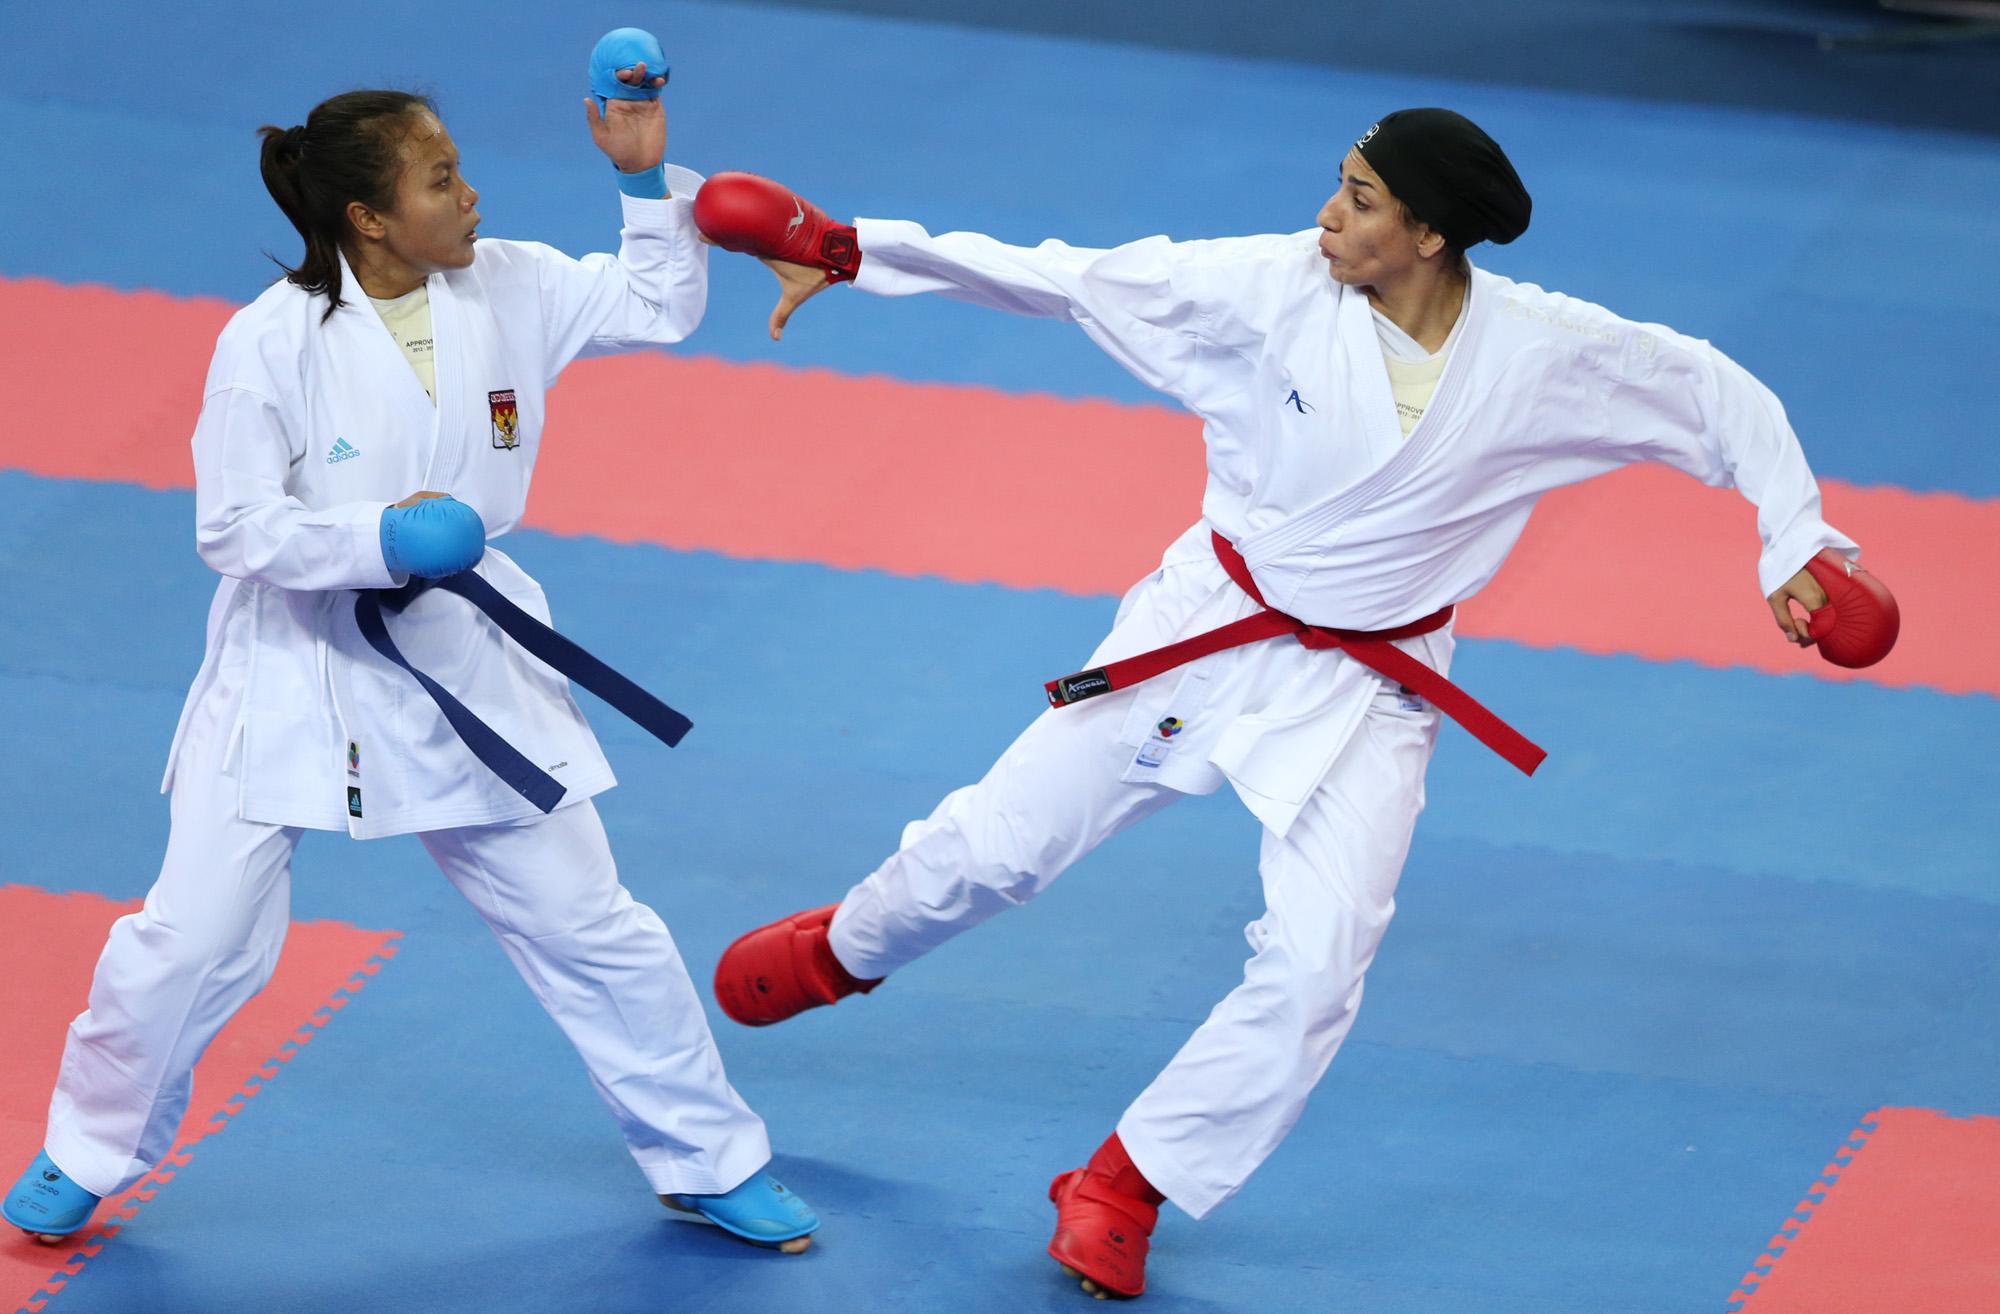 حمیده عباسعلی ورزش بانوان کاراته 2 حمیده عباسعلی و سفر طولانی به کانادا ؛ در پاریس به تیم ملی می پیوندد